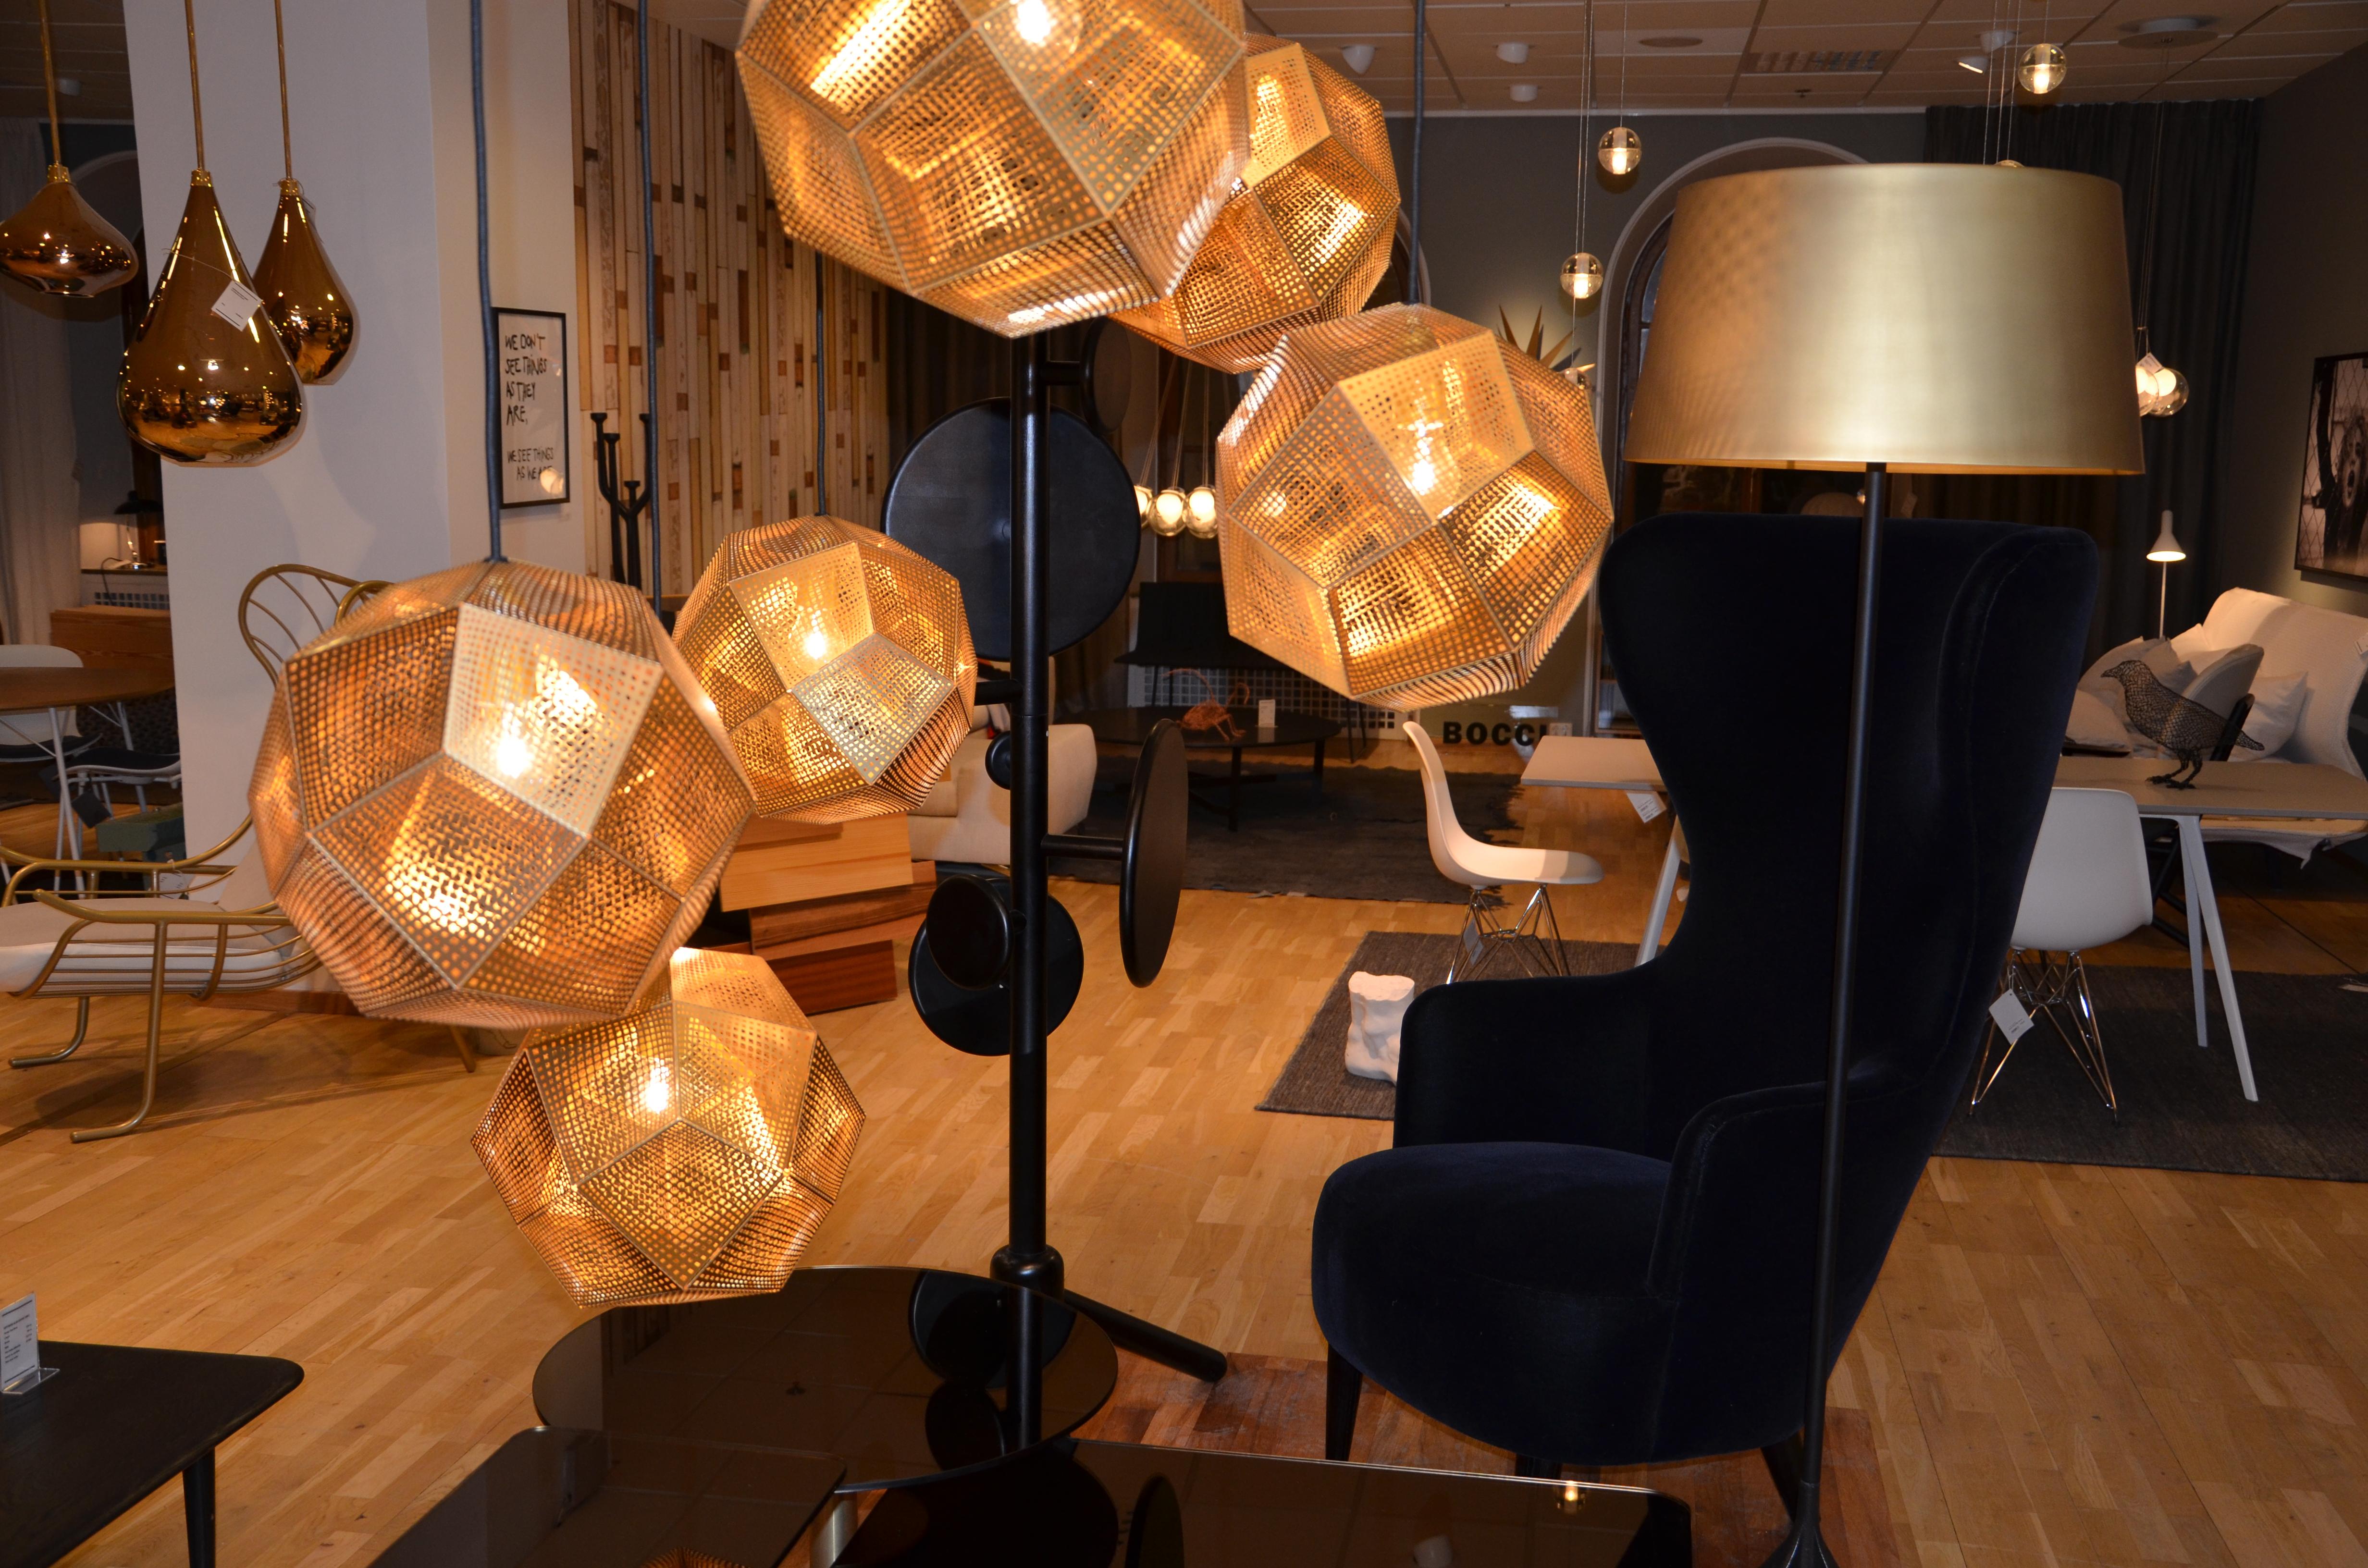 Nk Inredning Ikea Sofa Bilder Nk I Hallen P Vre Plan Finns Familjens Rymliga Tvrum Med